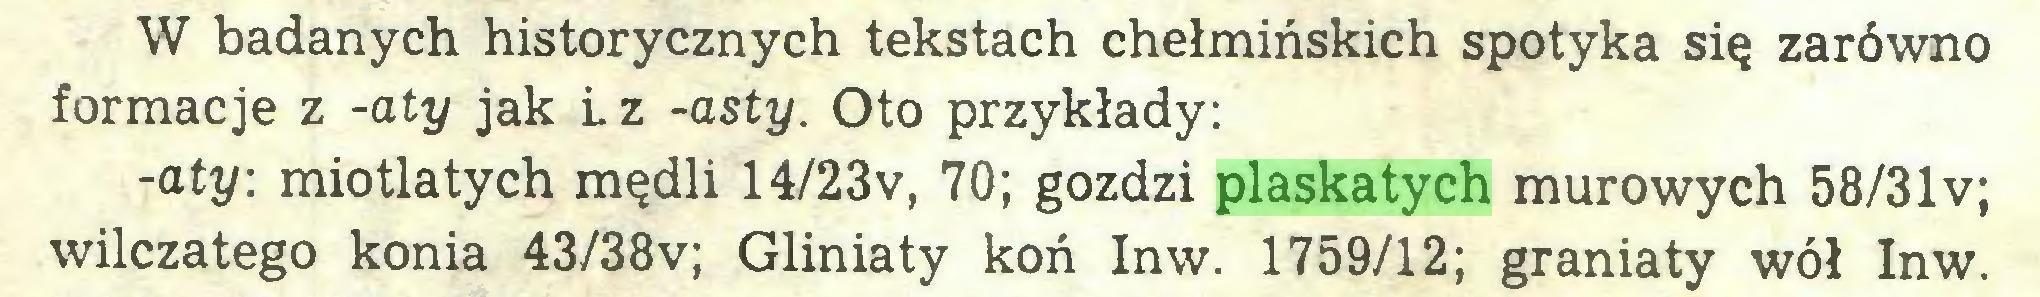 (...) W badanych historycznych tekstach chełmińskich spotyka się zarówno formacje z -aty jak L z -asty. Oto przykłady: -aty: miotlatych mędli 14/23v, 70; gozdzi plaskatych murowych 58/31 v; wilczatego konia 43/38v; Gliniaty koń Inw. 1759/12; graniaty wół Inw...